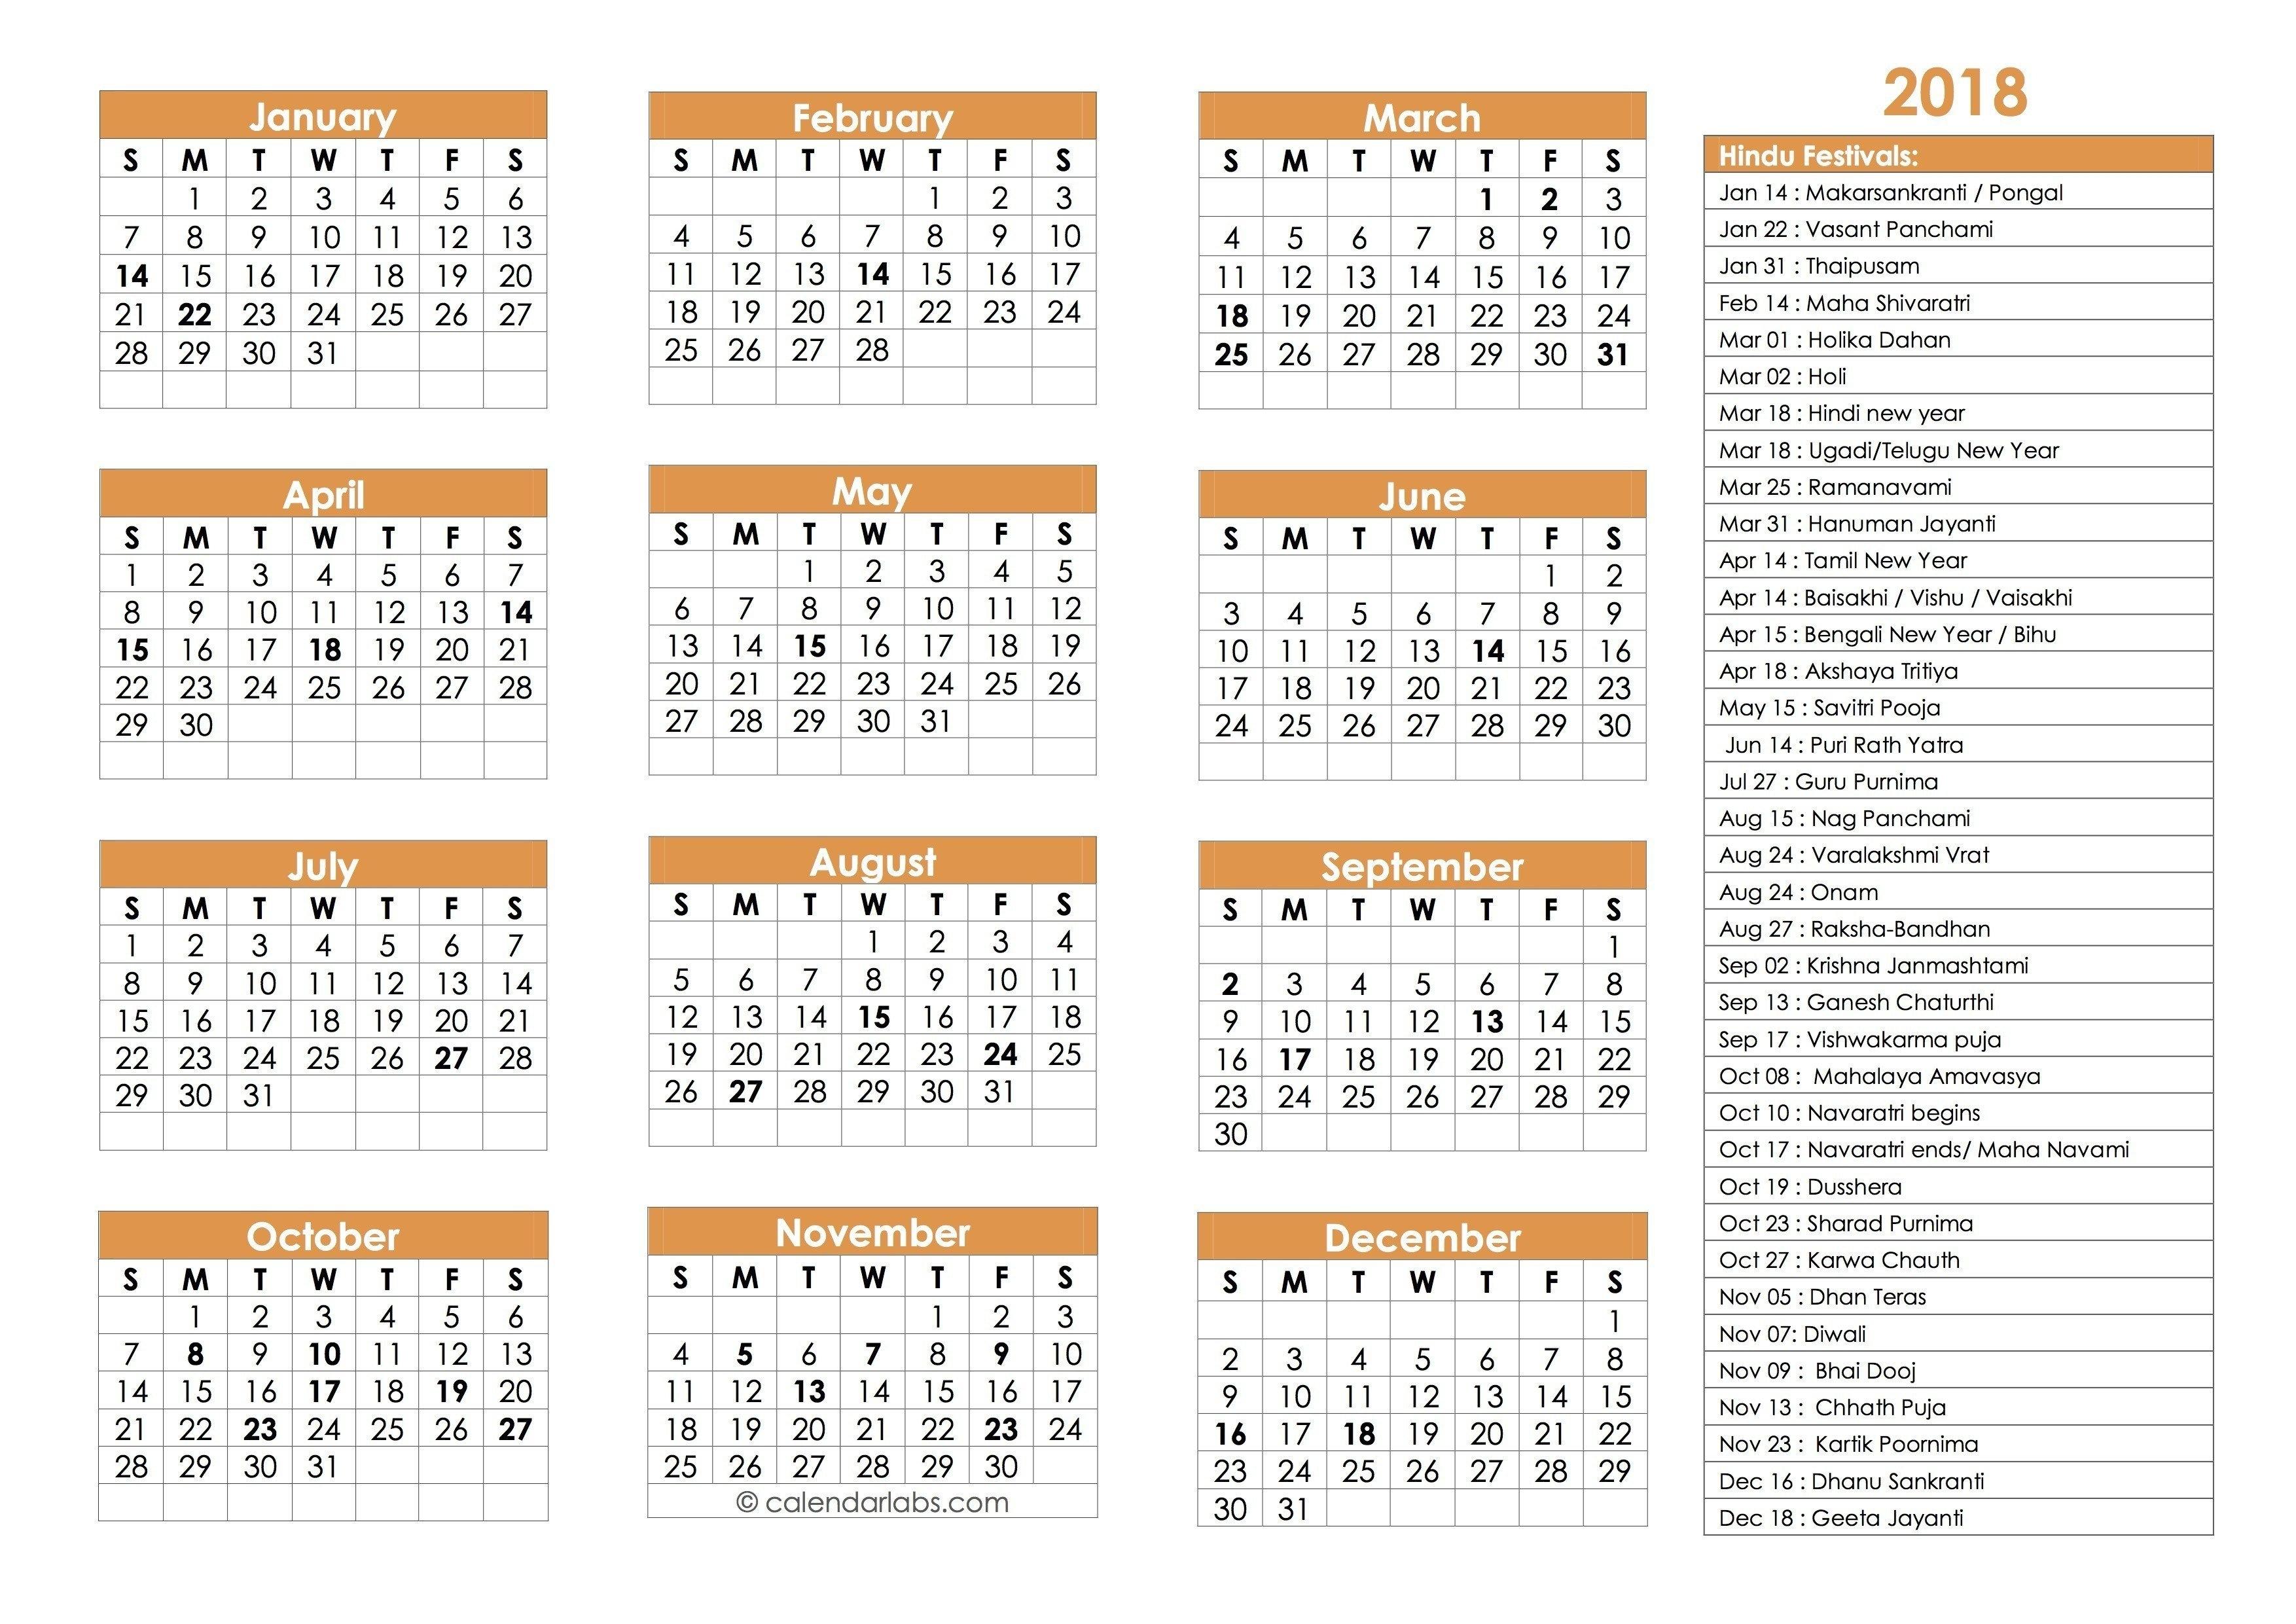 Calendar 2019 Gujarati | February 2019 Gujarati Calendar Calendar Calendar 2019 Gujarati